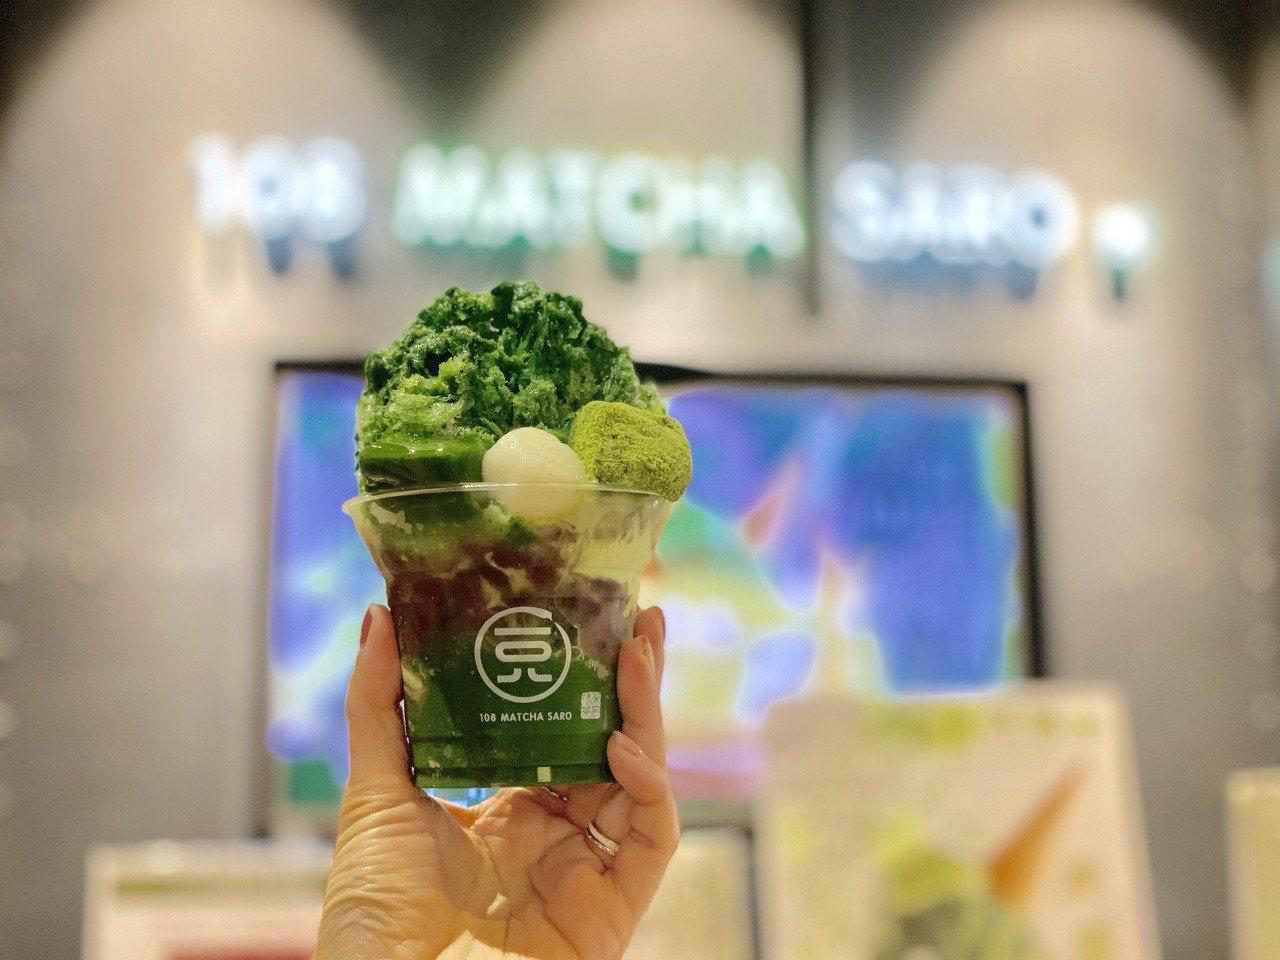 抹茶控刨冰聖代,售價168元(杯)。記者張芳瑜/攝影